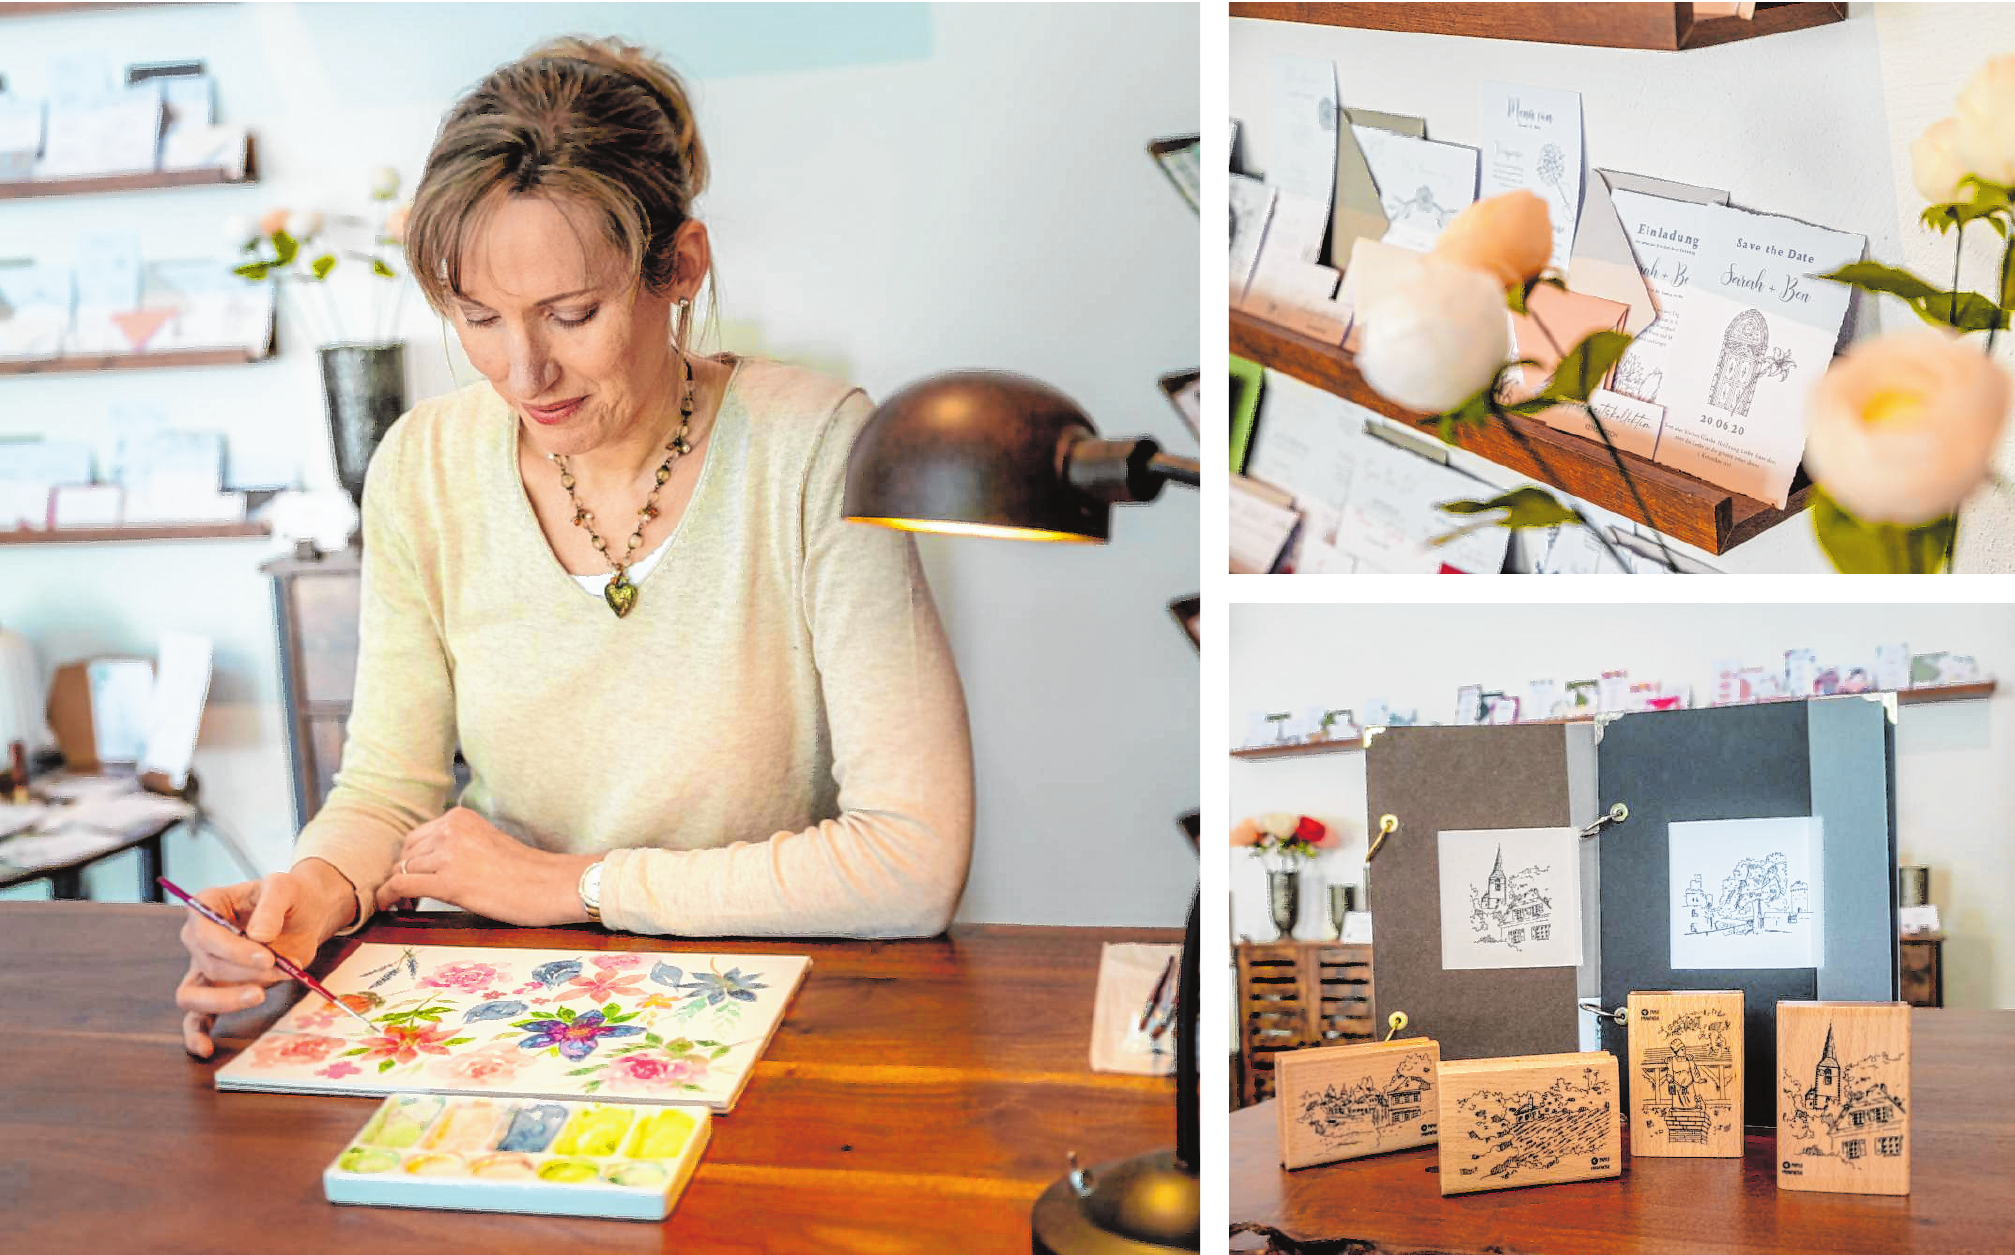 """Für Alexandra Enders ist die """"Papiermanufaktur"""" in der Weidgasse auch gleichzeitig Werkstatt. Hier zeichnet sie oder entwirft neue Motive – für ihre Karten, Stempel oder Hochzeitspapeterie. Bilder: Thomas Neu"""